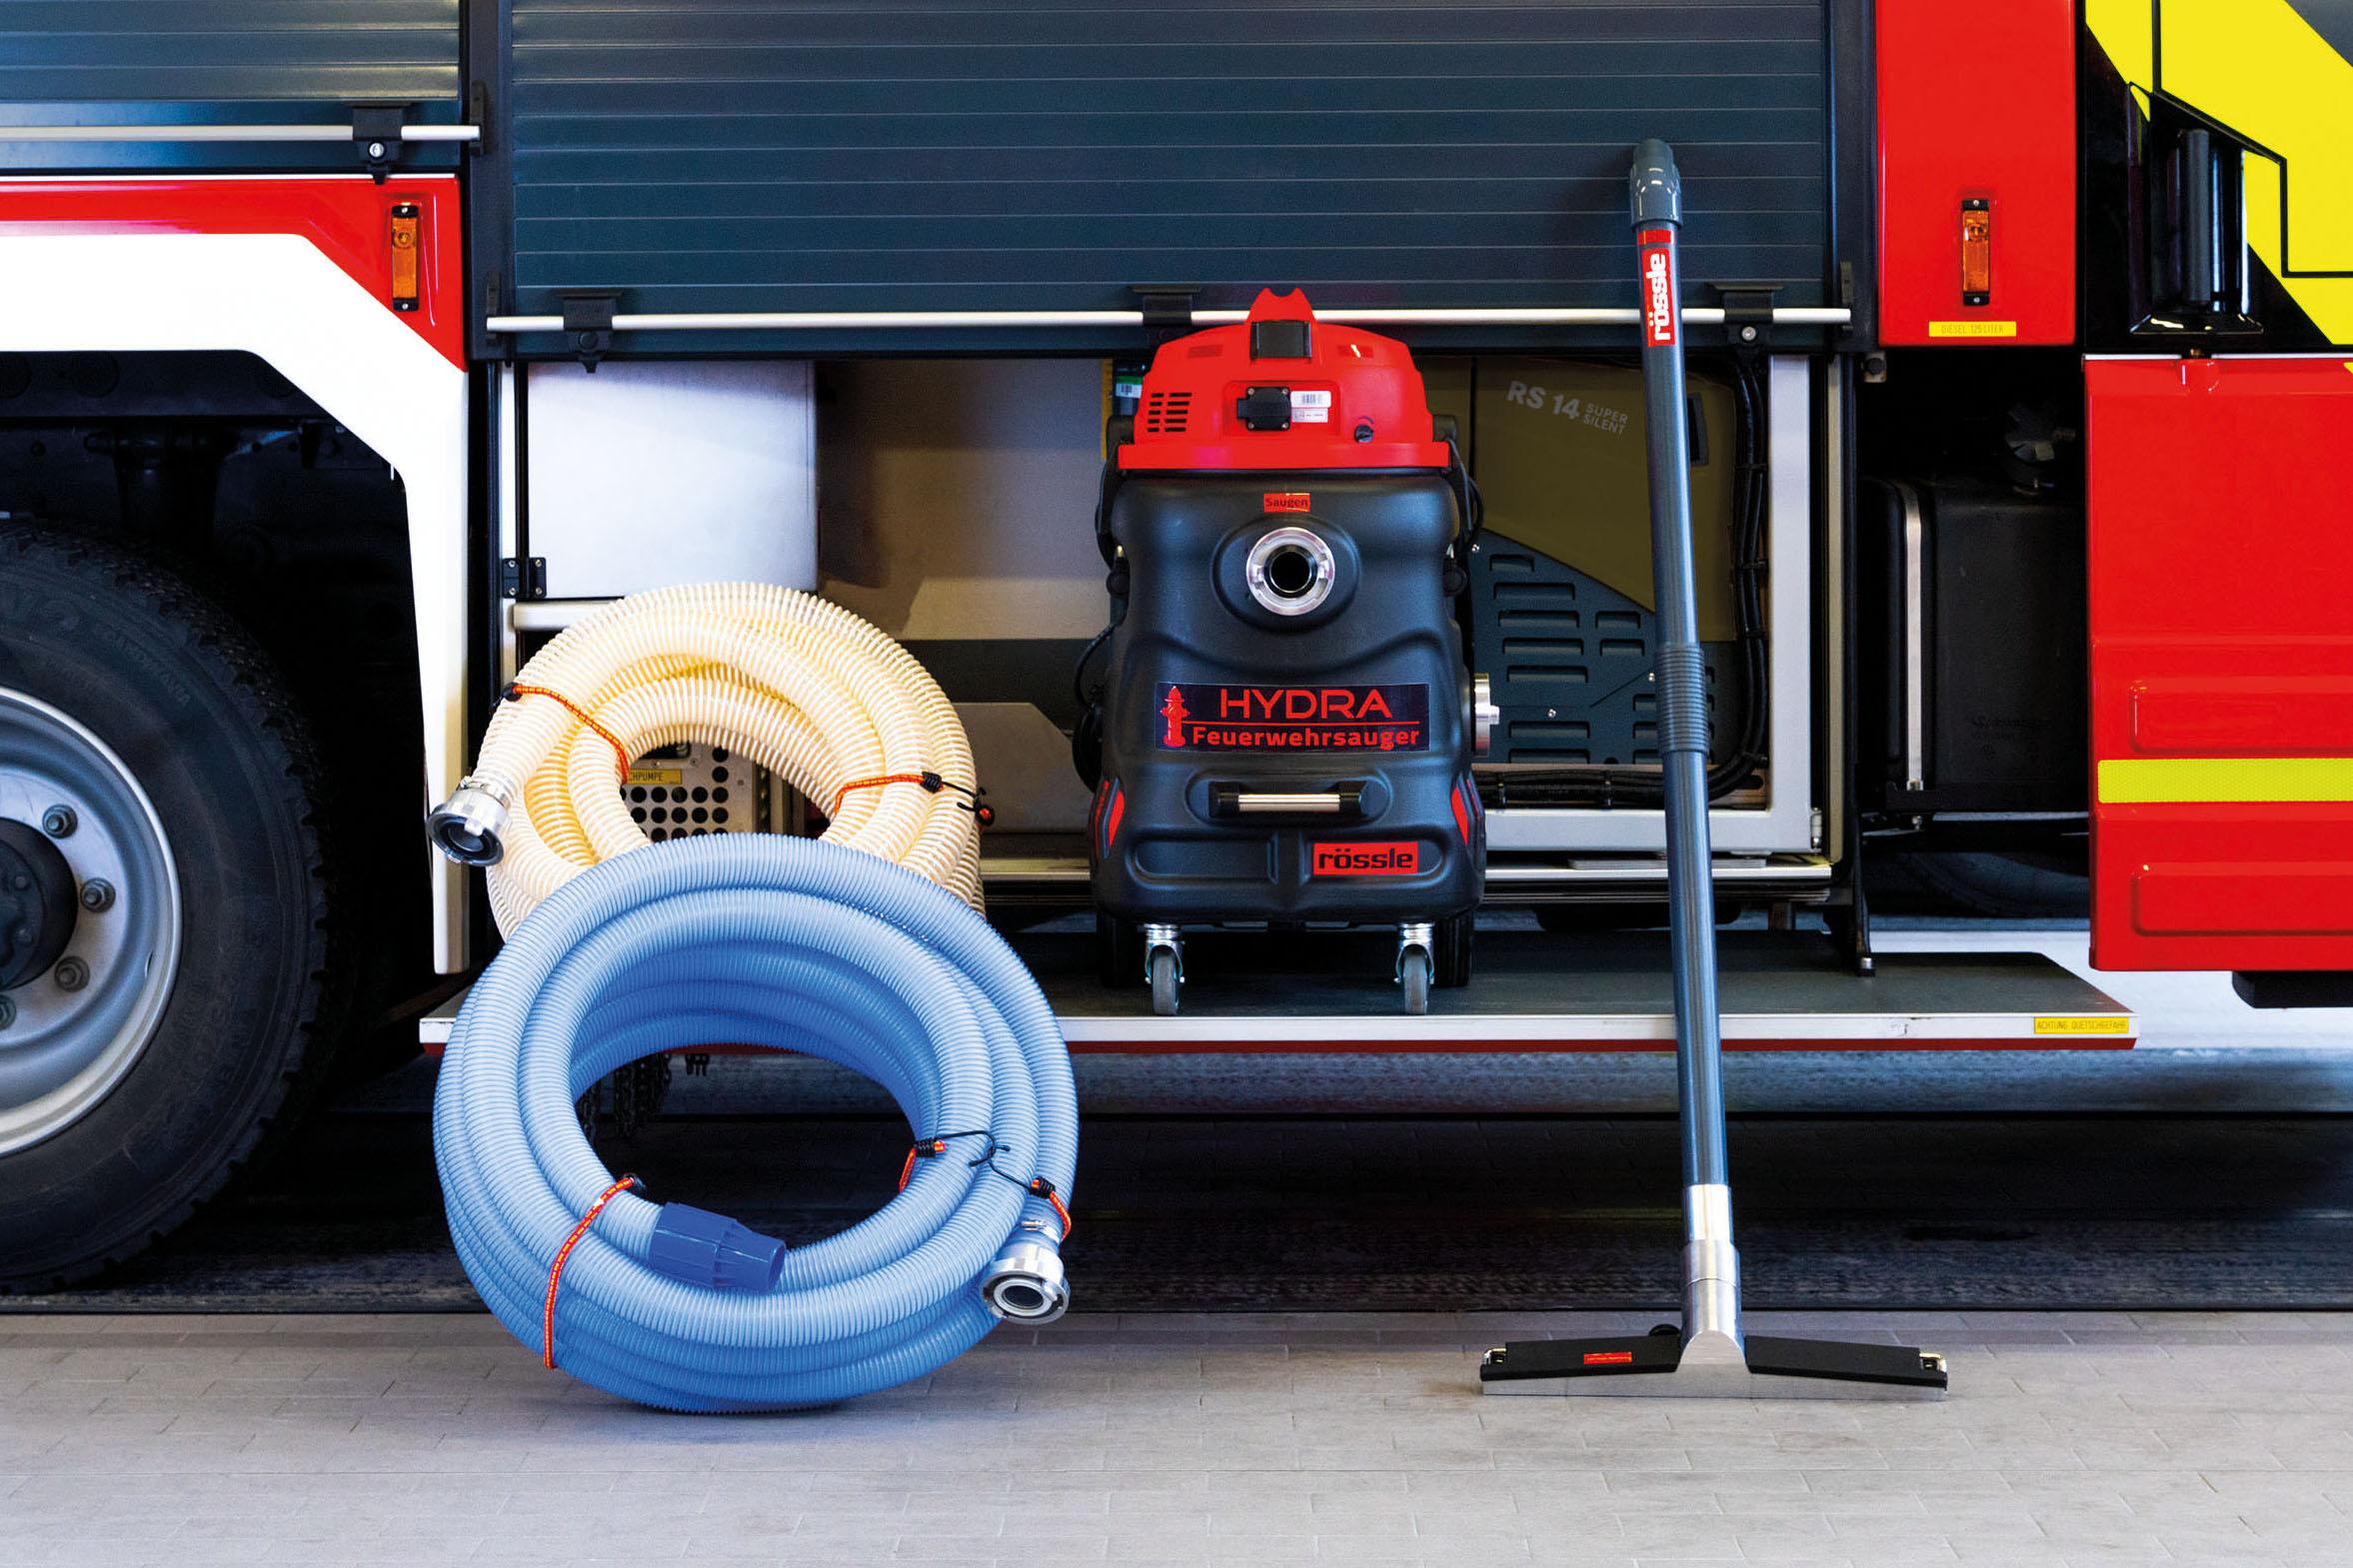 HYDRA Feuerwehrsauger